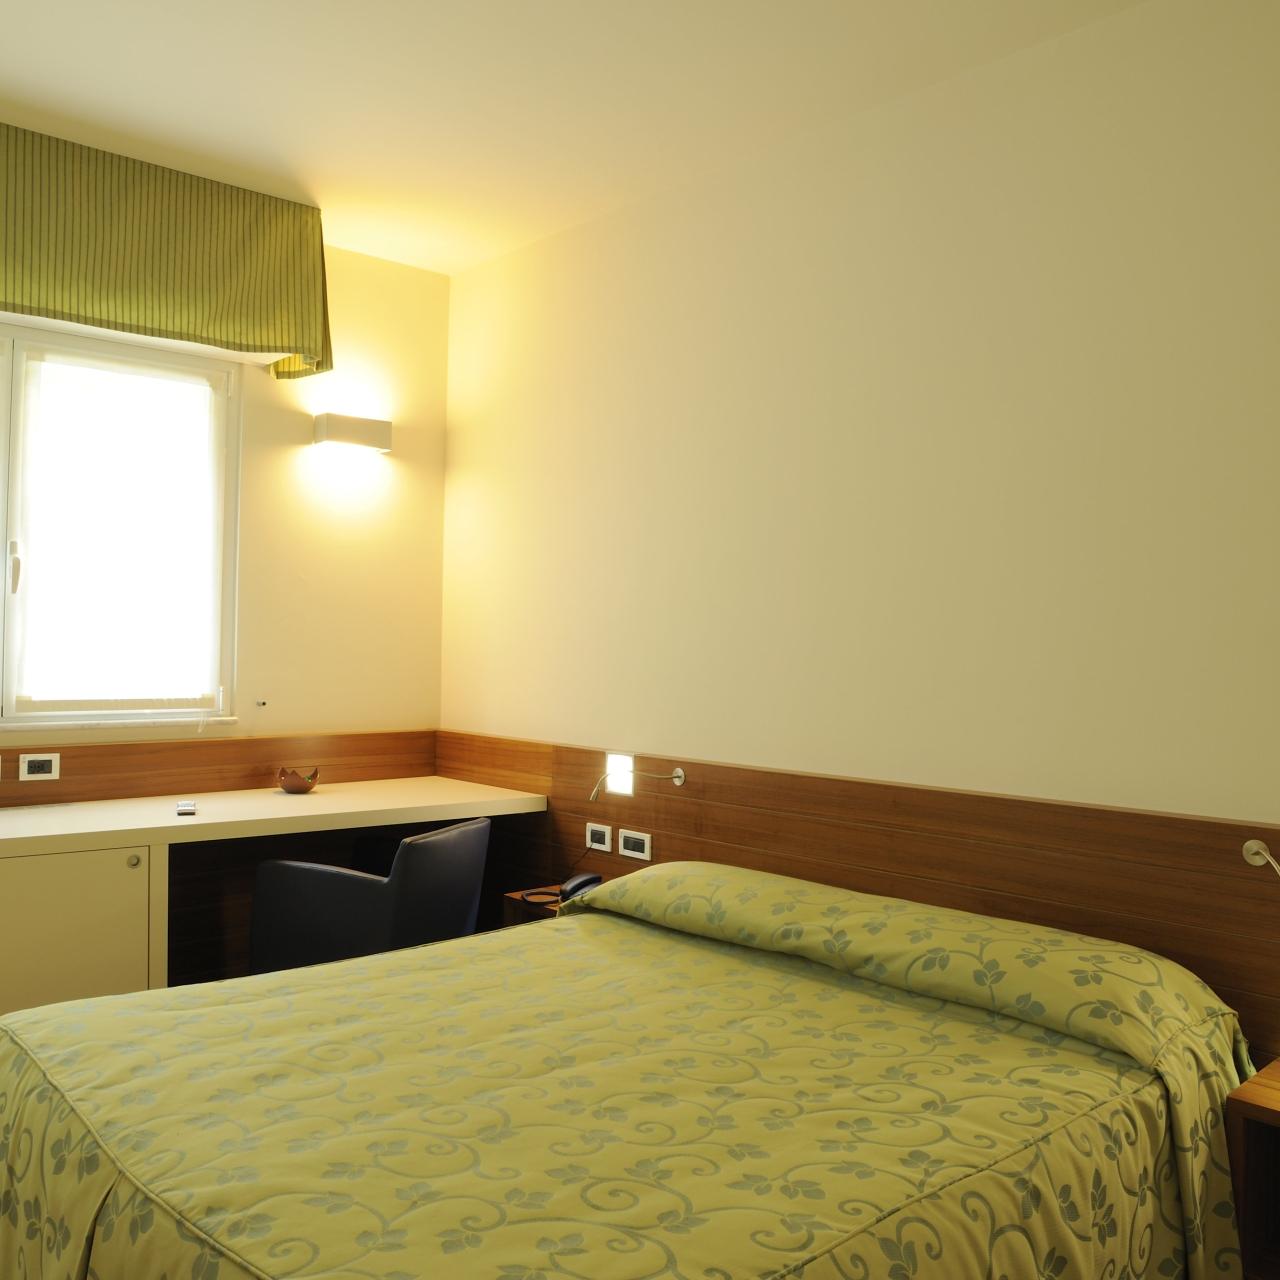 Hotel Le Roi Italia Presso Hrs Con Servizi Gratuiti